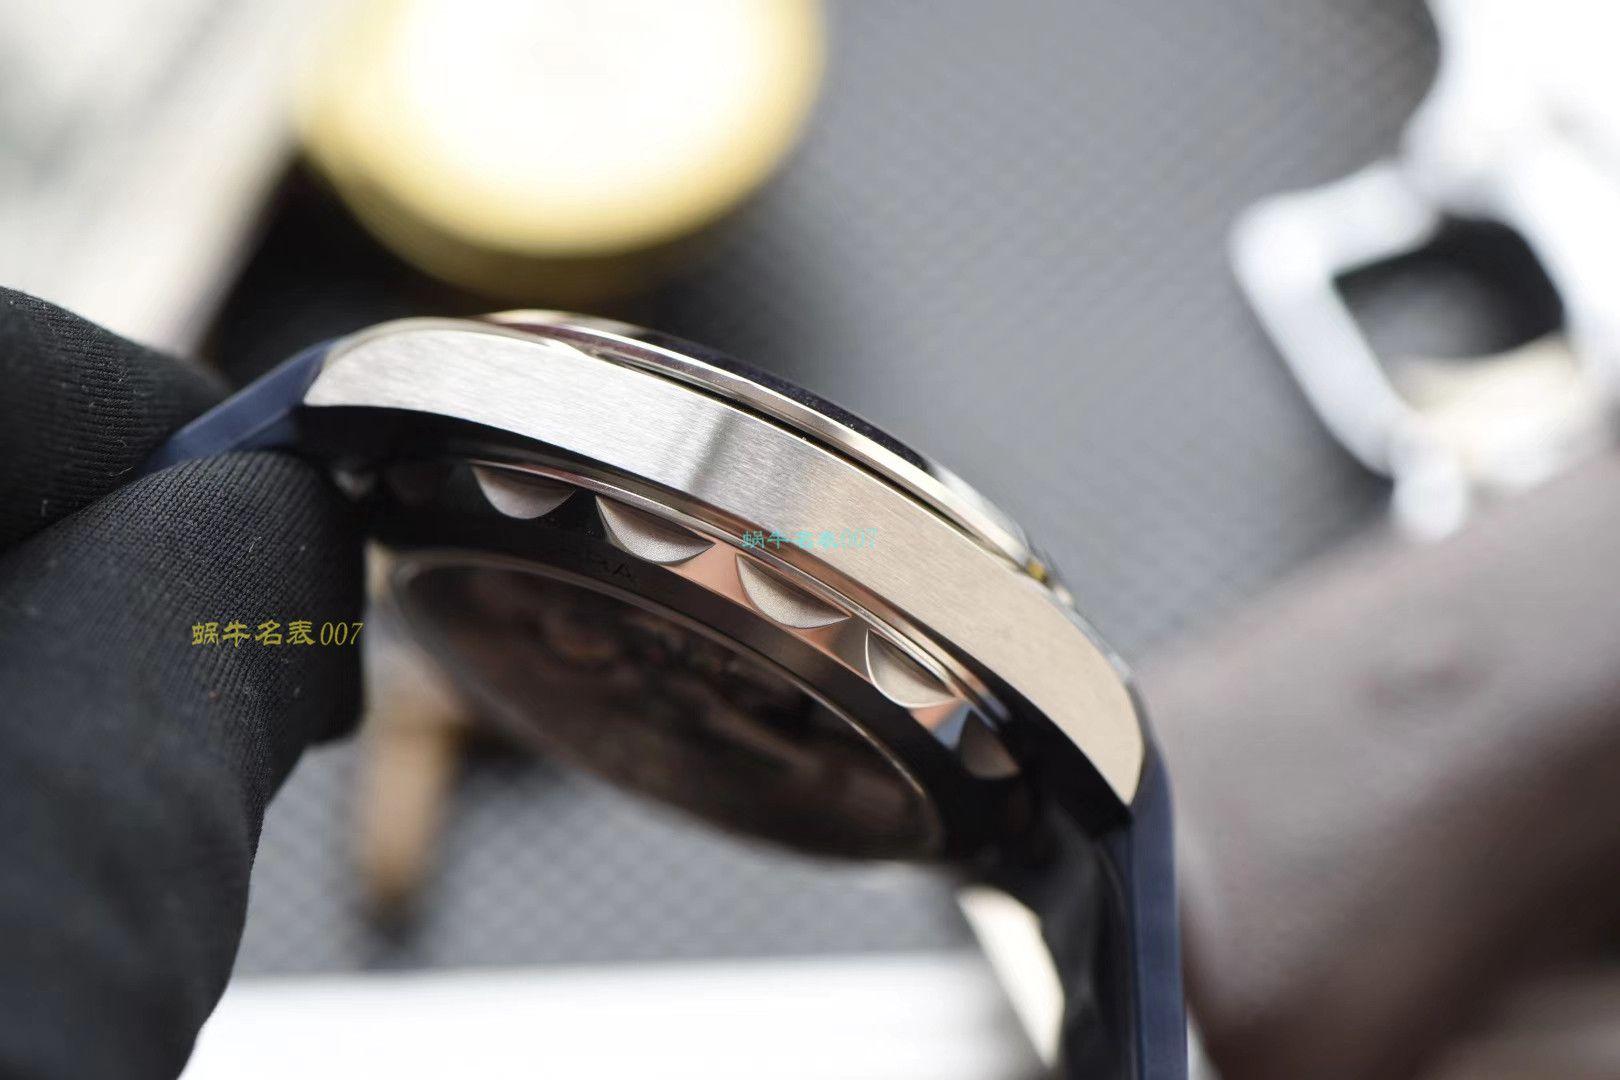 【欧米茄复刻表价格】视频评测3S厂欧米茄海马系列220.12.41.21.02.002,220.12.41.21.06.001等多色横纹腕表 / M387